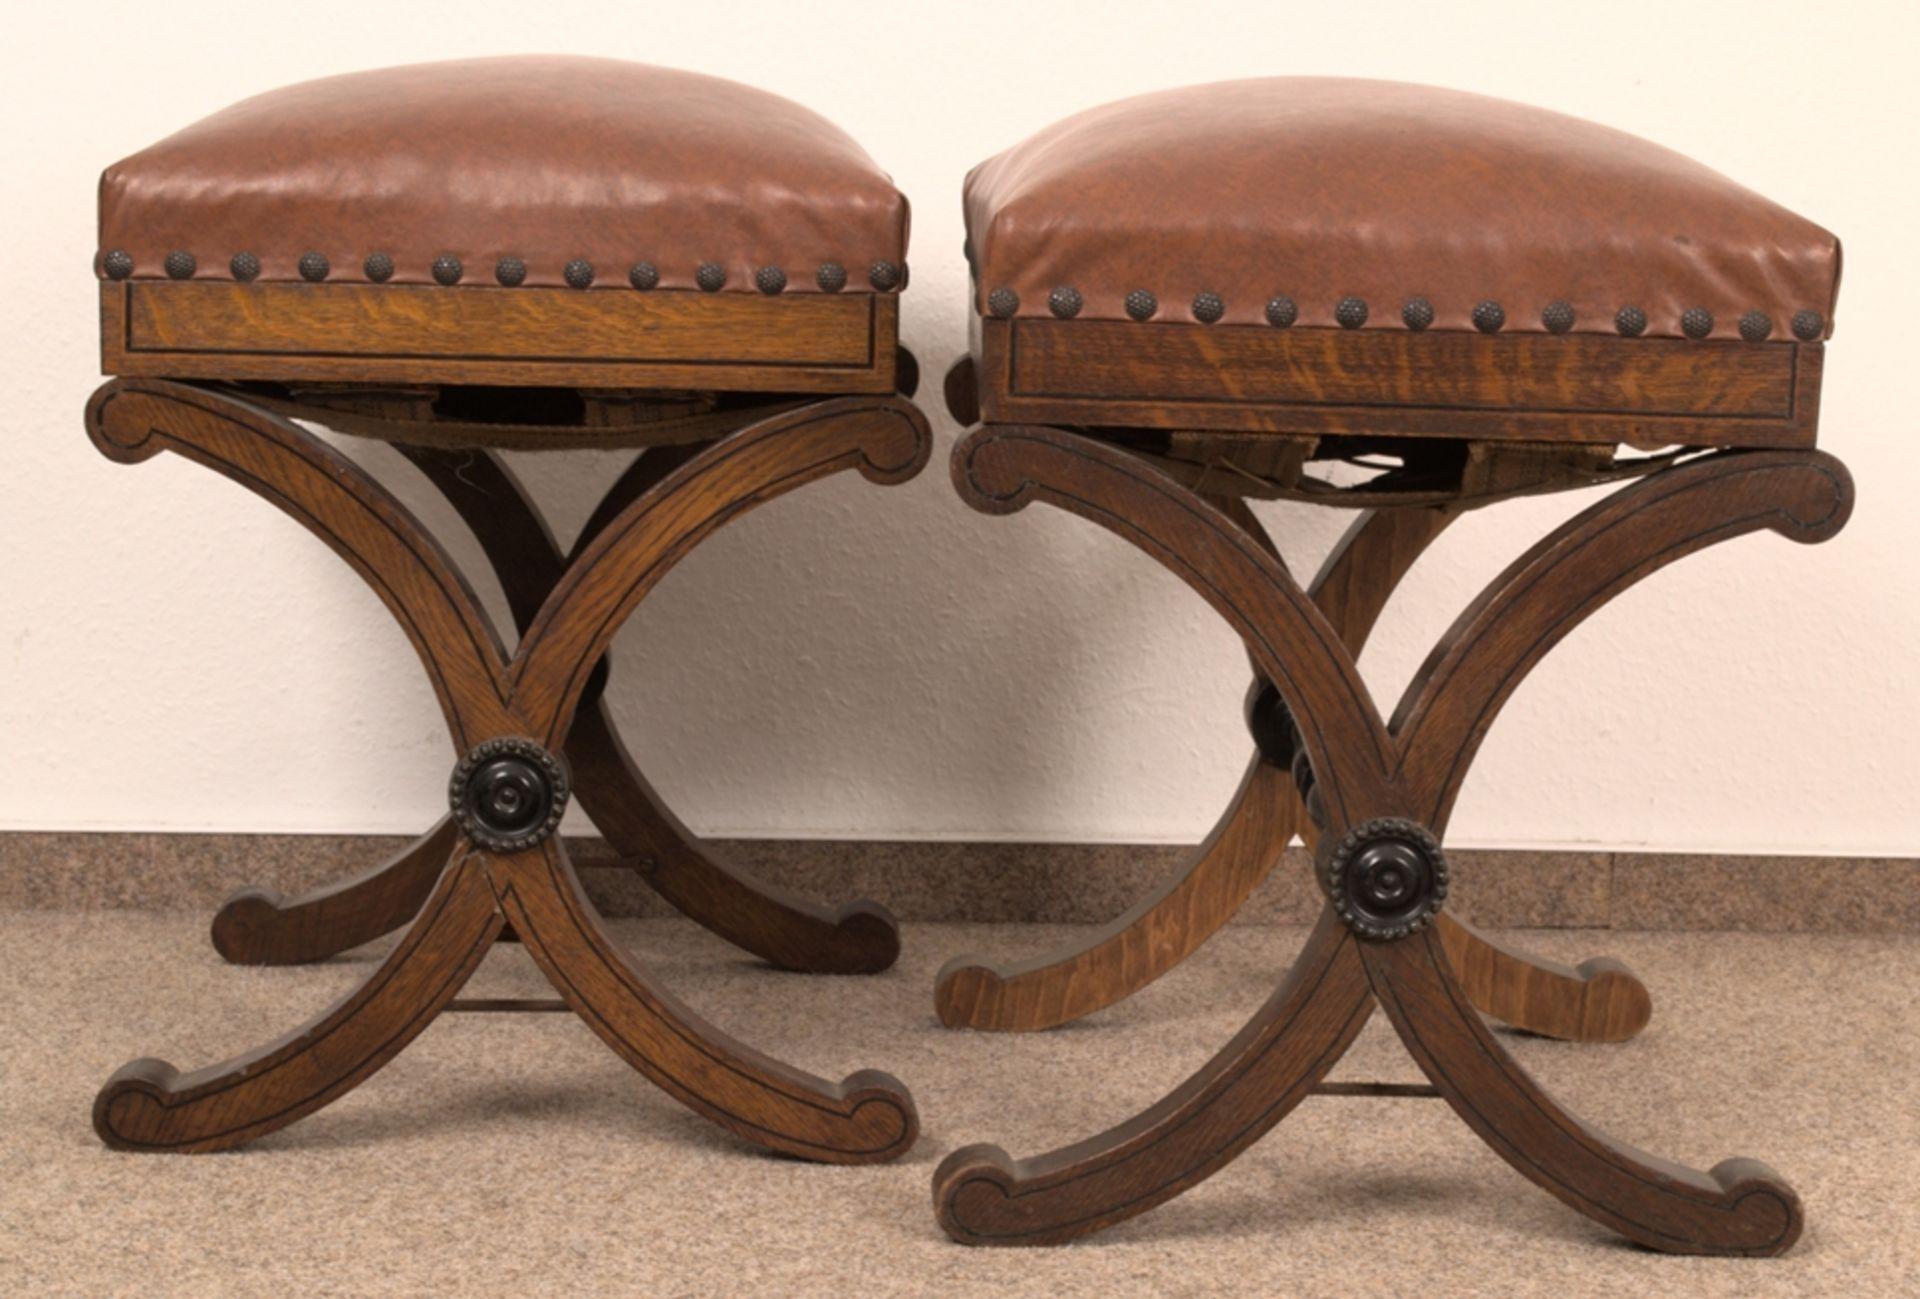 Paar Polsterhocker im Empirestil/Biedermeier-Stil um 1900/20. Eiche massiv & furniert, teilweise mit - Bild 3 aus 9